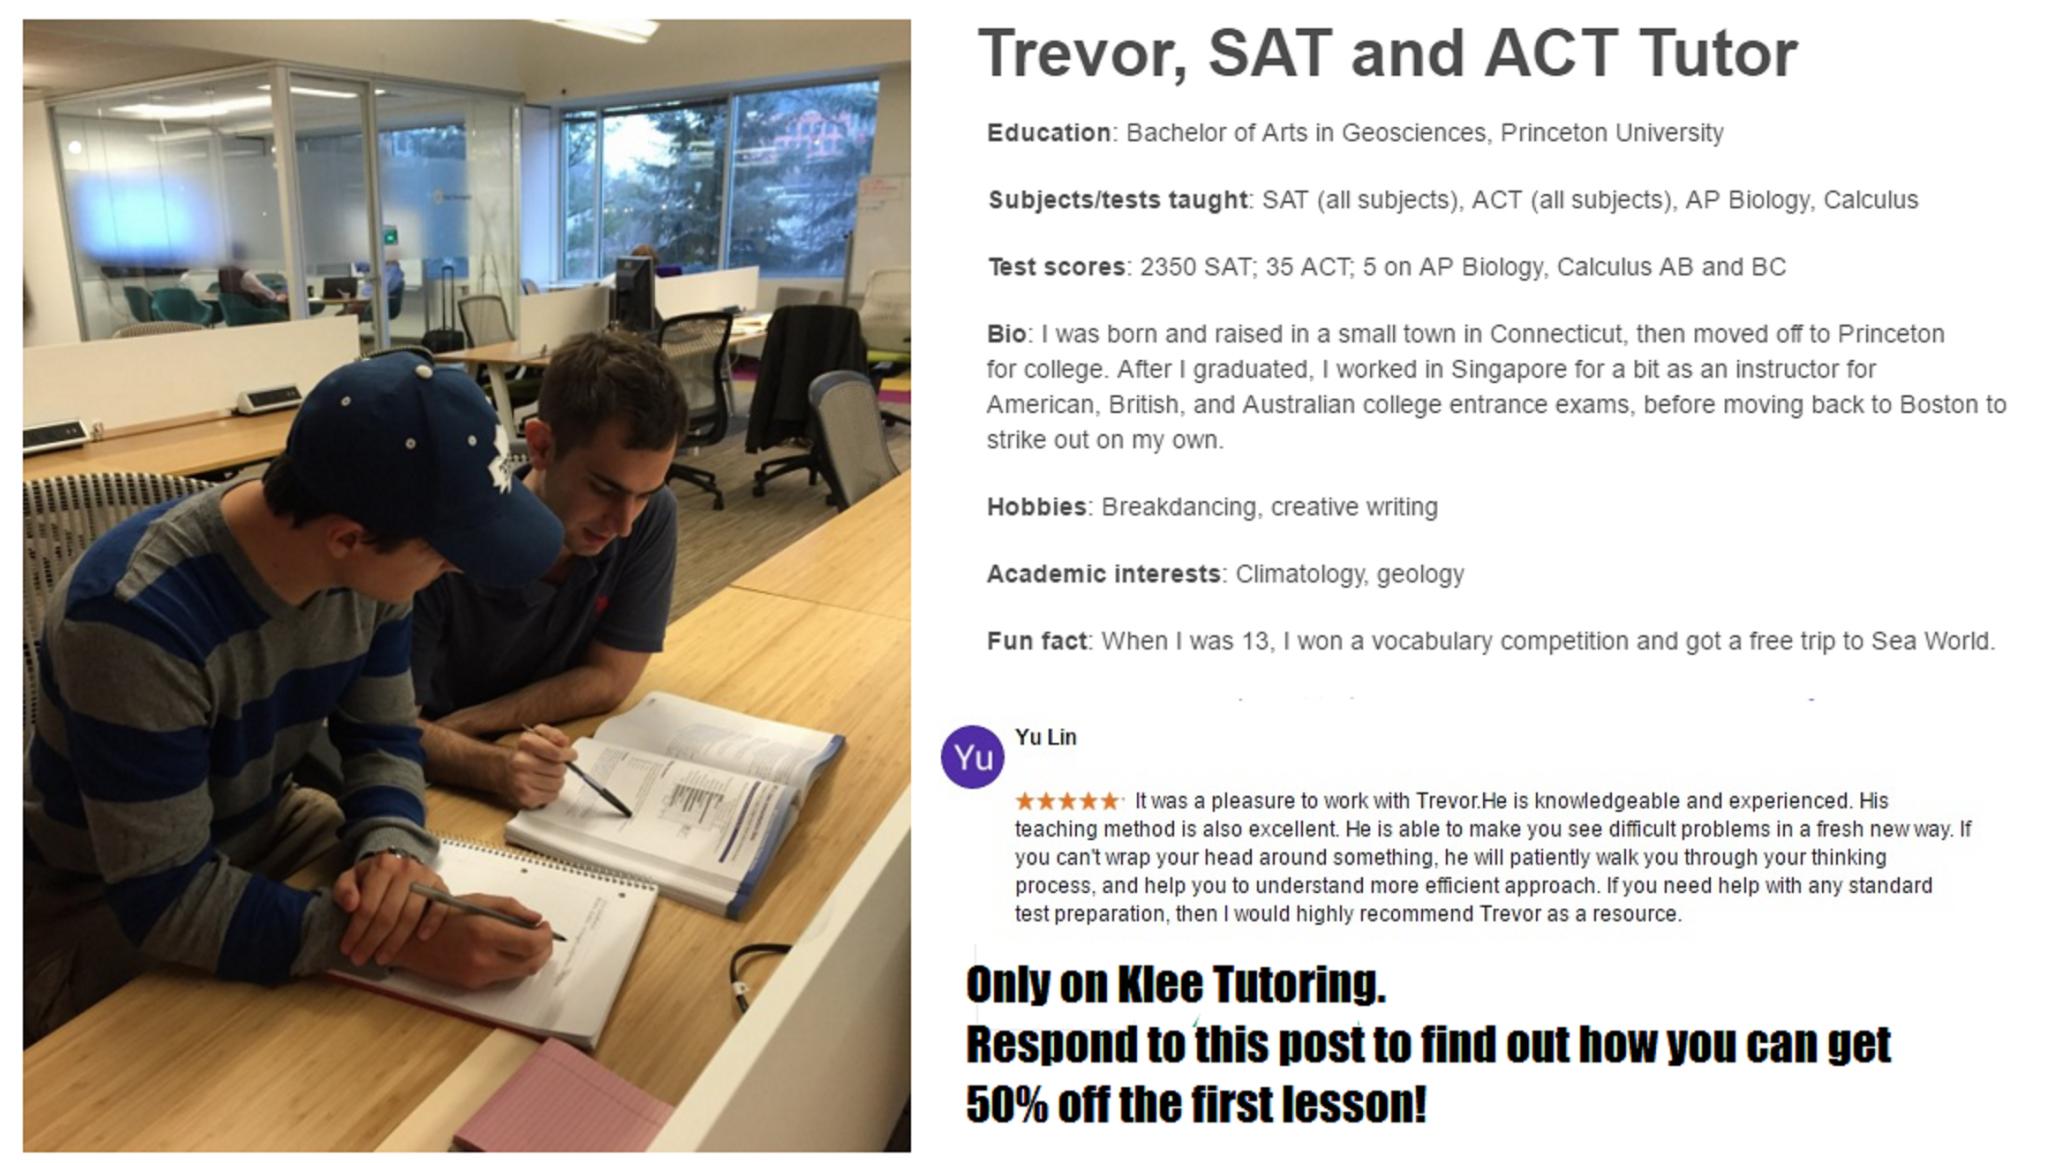 Craigslist ad 2   Trevor Klee, Tutor